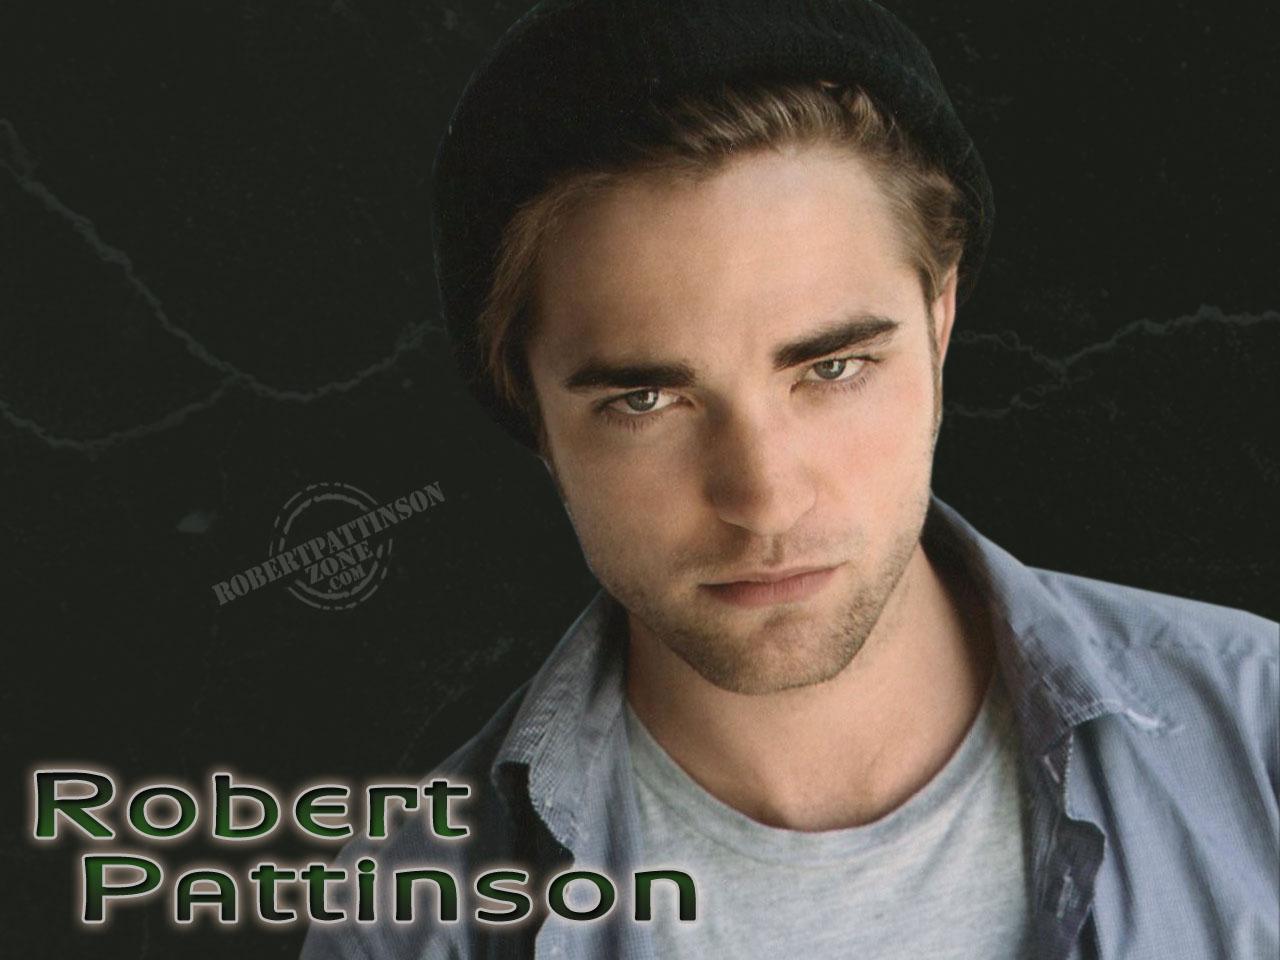 http://4.bp.blogspot.com/-gAEcPciQsxU/TyWU0pU57uI/AAAAAAAAC5o/HuwWPyJj4sg/s1600/Robert-Pattinson-Wallpaper-3%5B1%5D.jpg